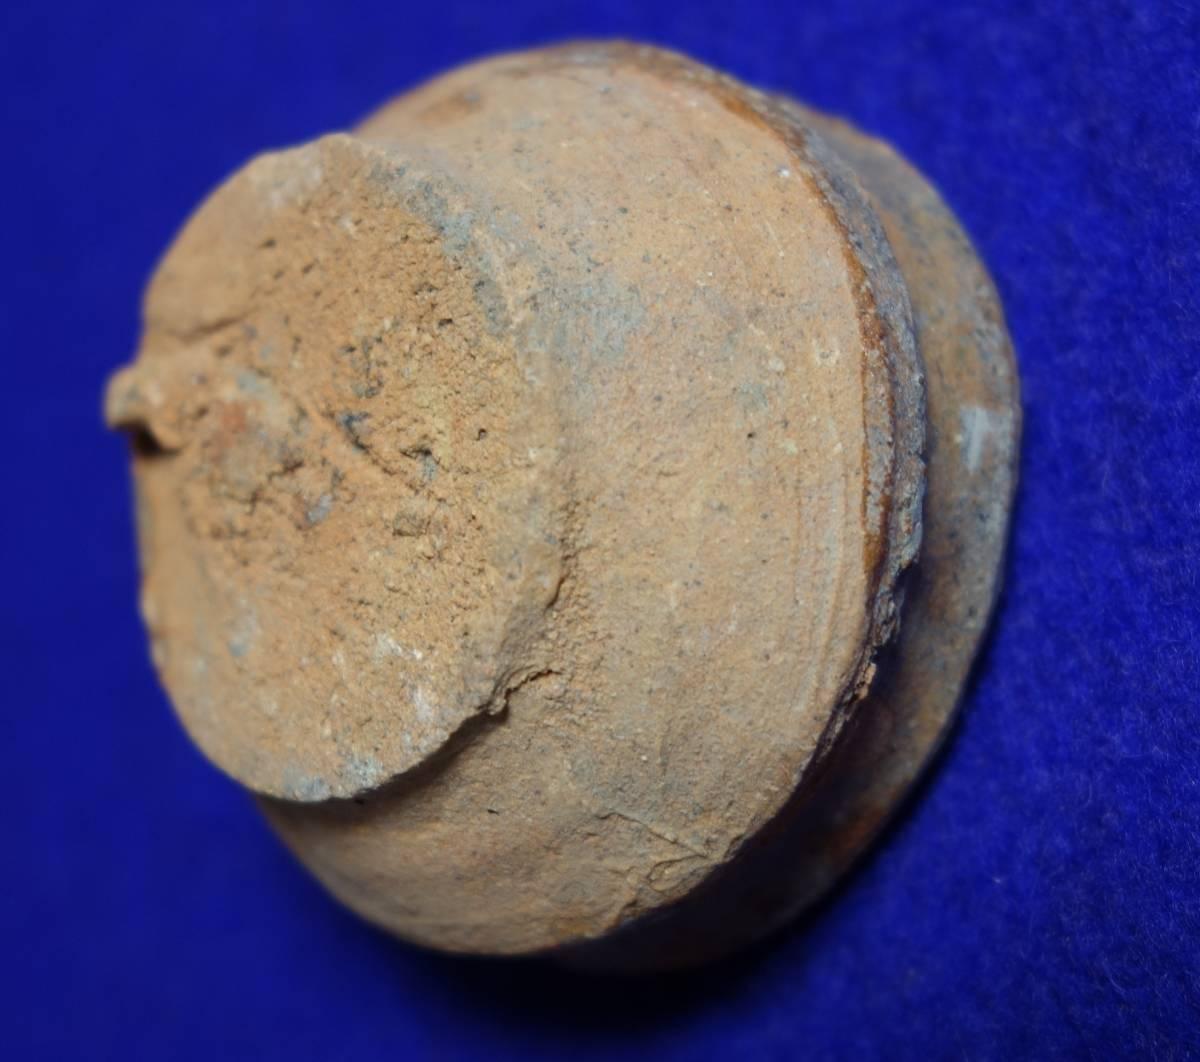 早期越州窯 鳥の餌入れ 陶磁器研究_画像8